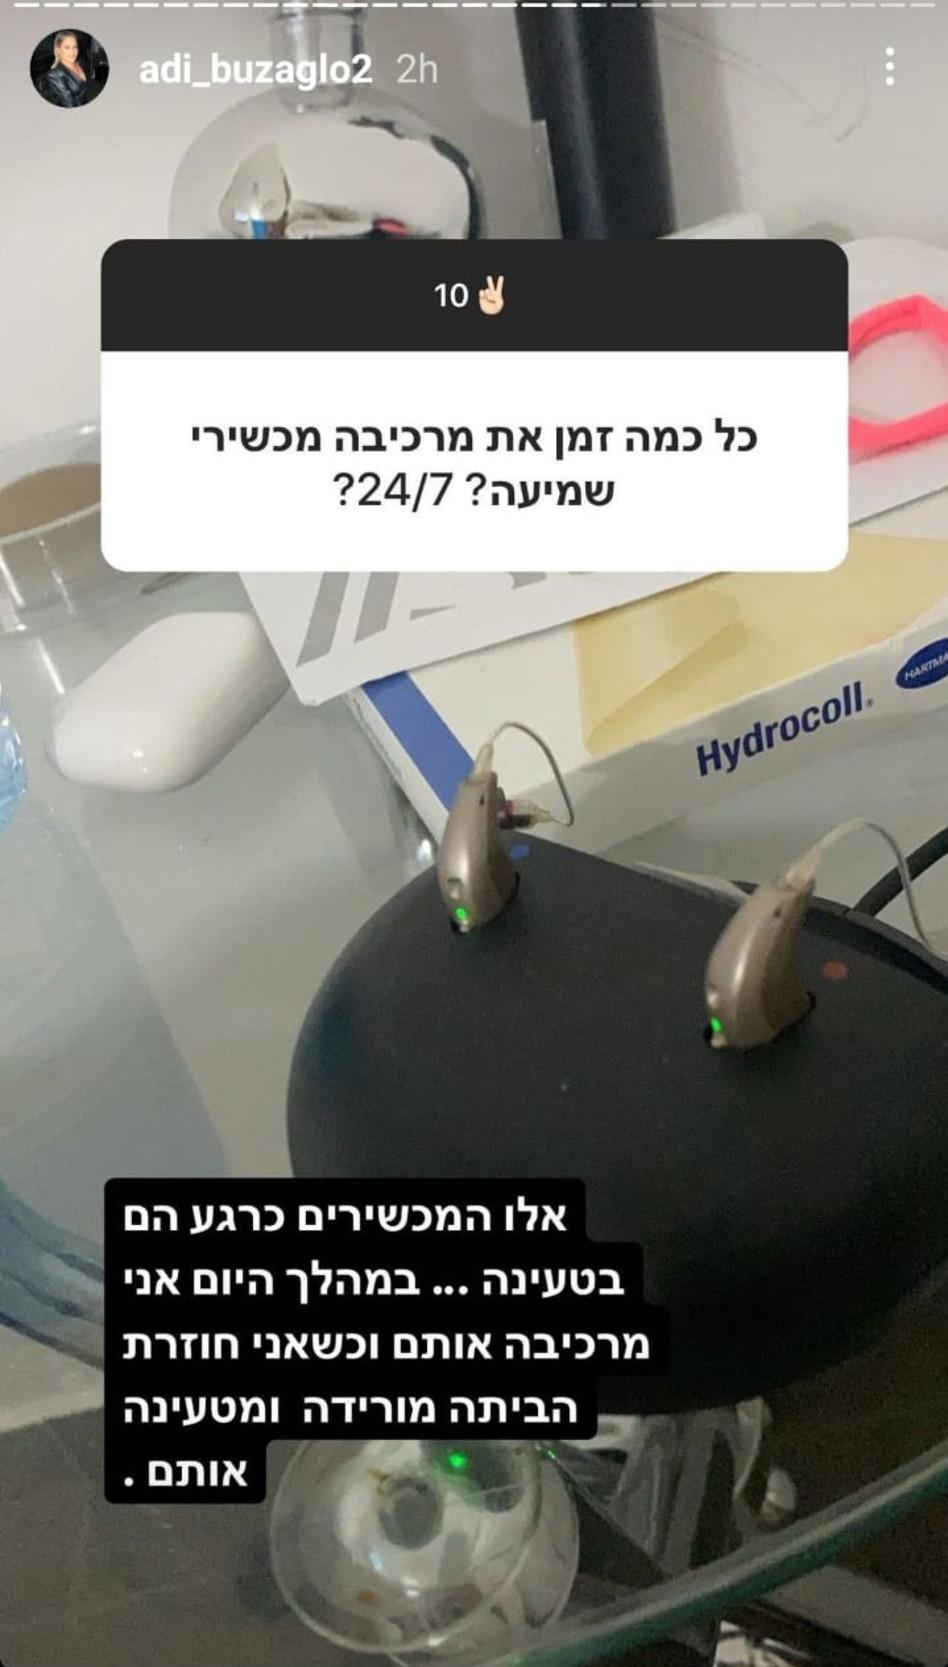 עדי בוזגלו מראה את מכשיר השמיעה (צילום: צילום מסך אינסטגרם)